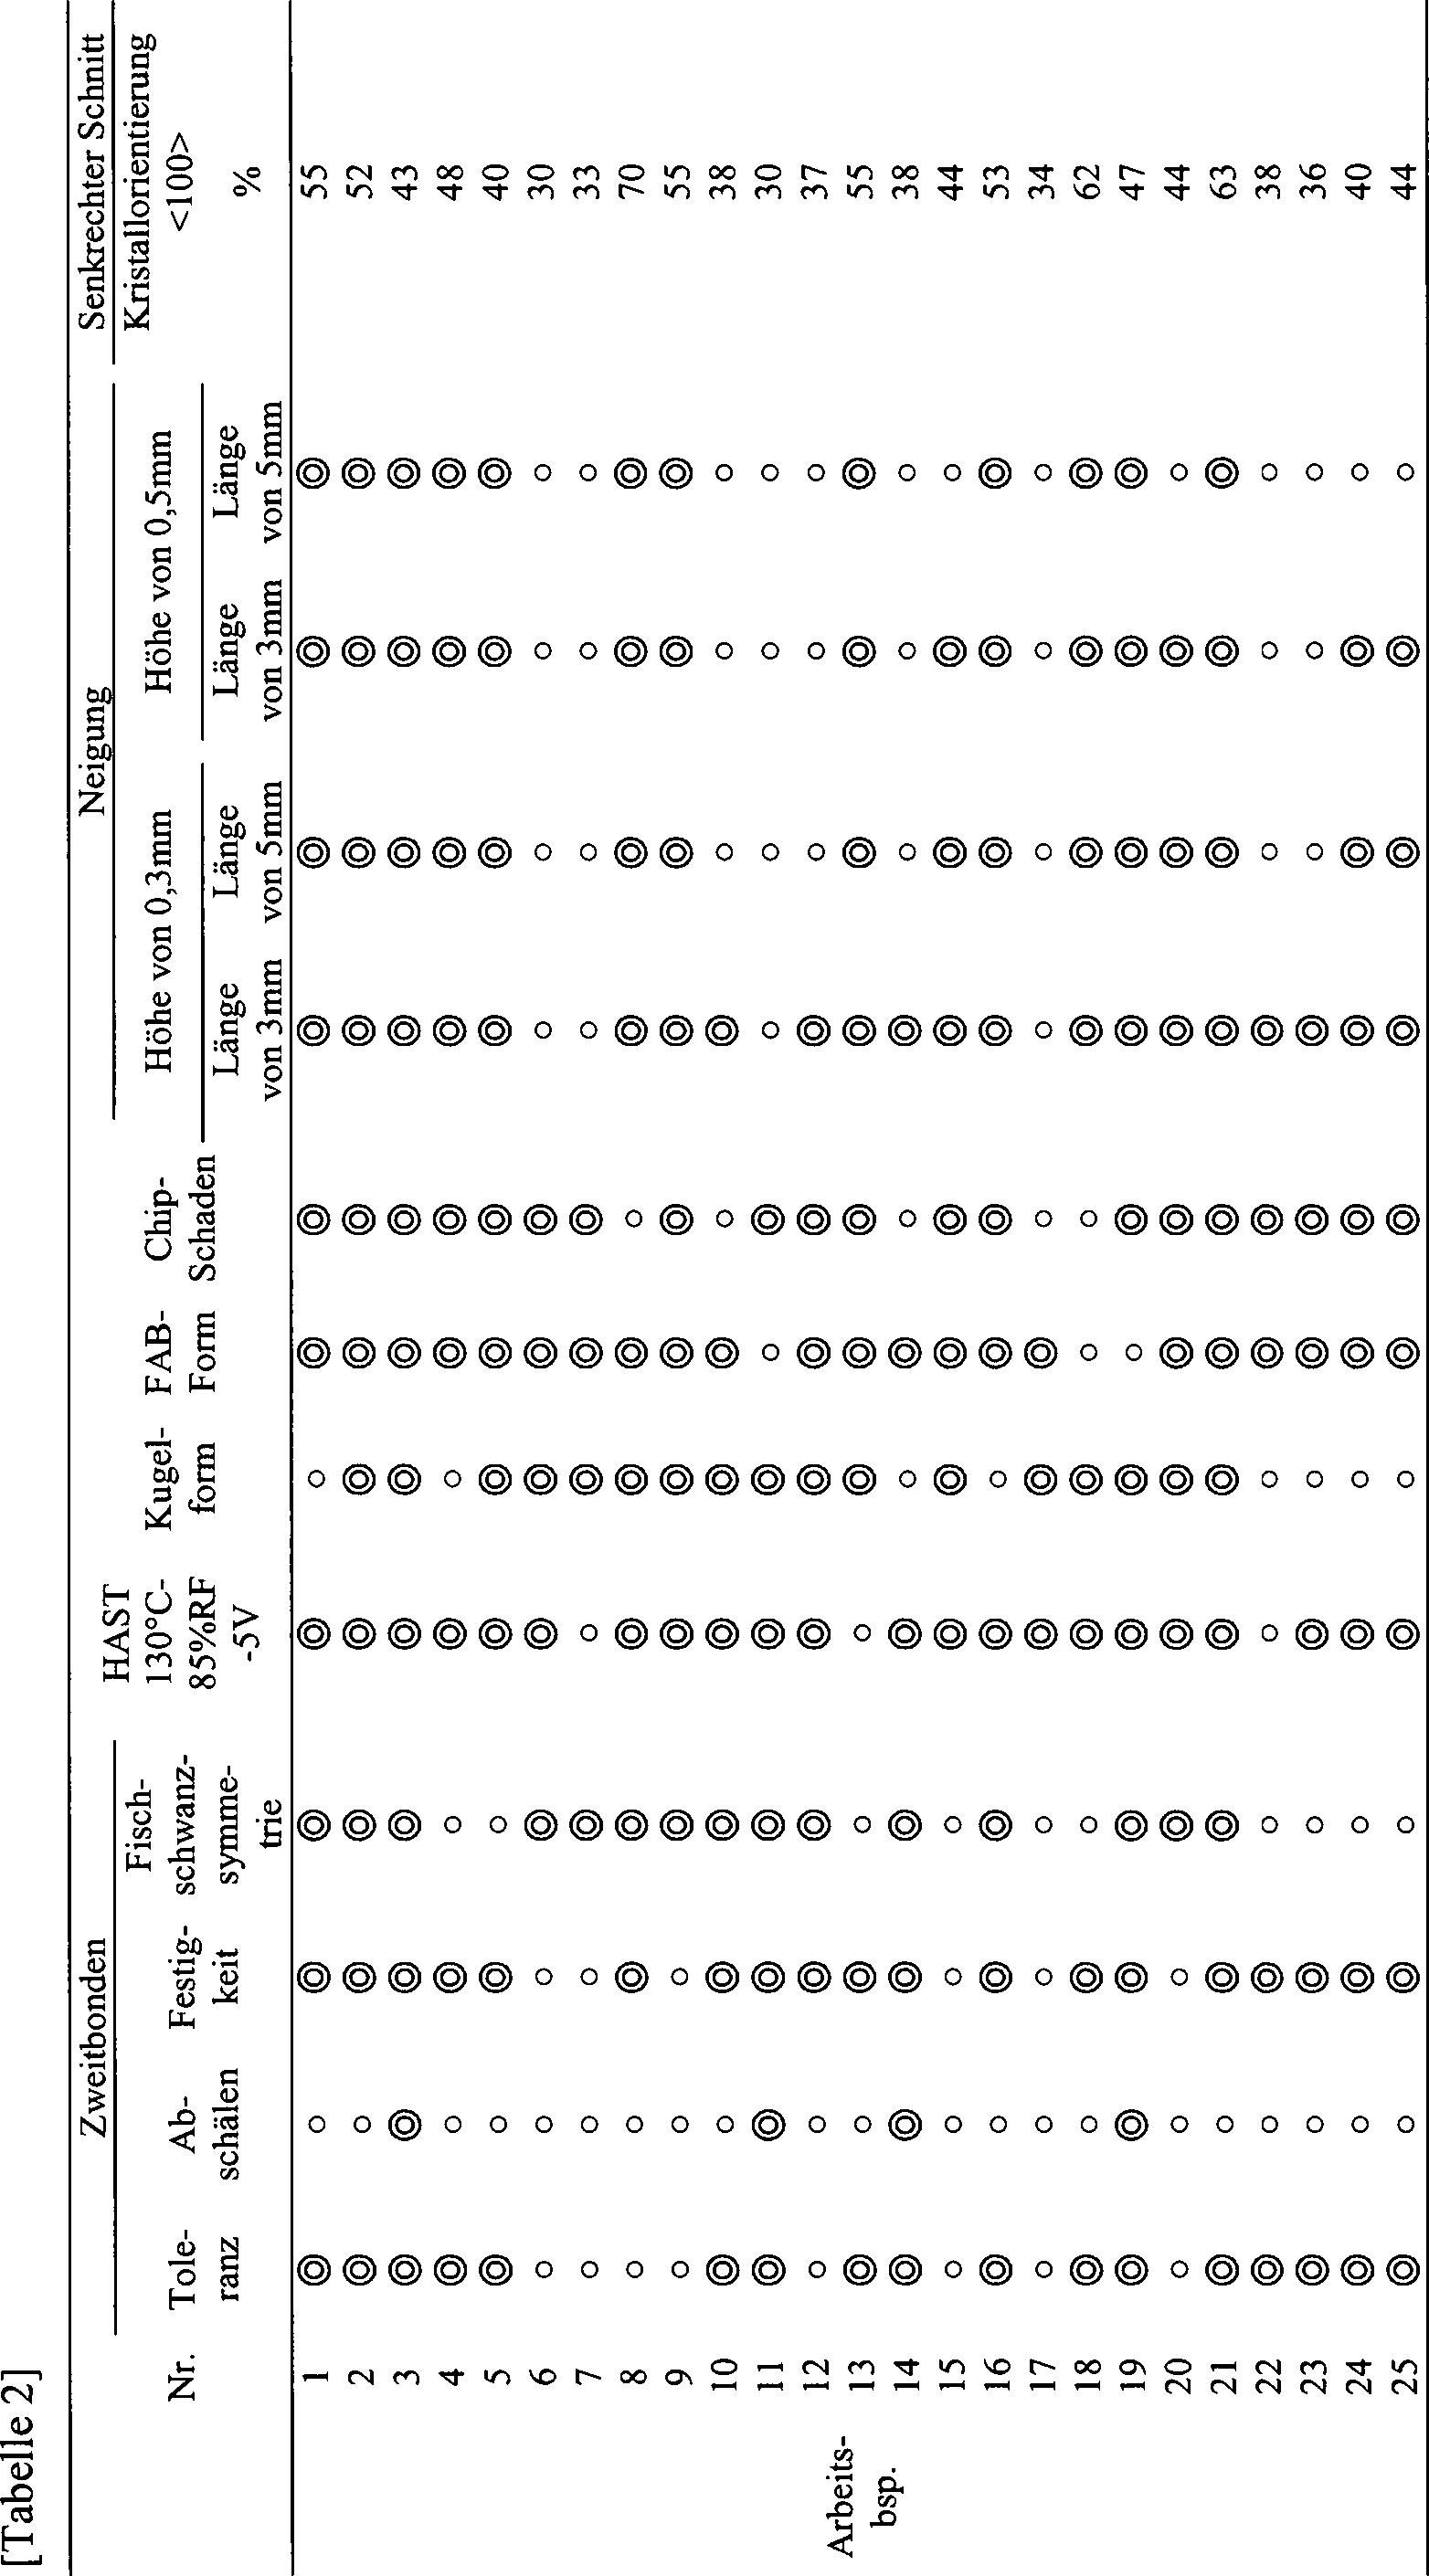 Figure DE112015005172T5_0003